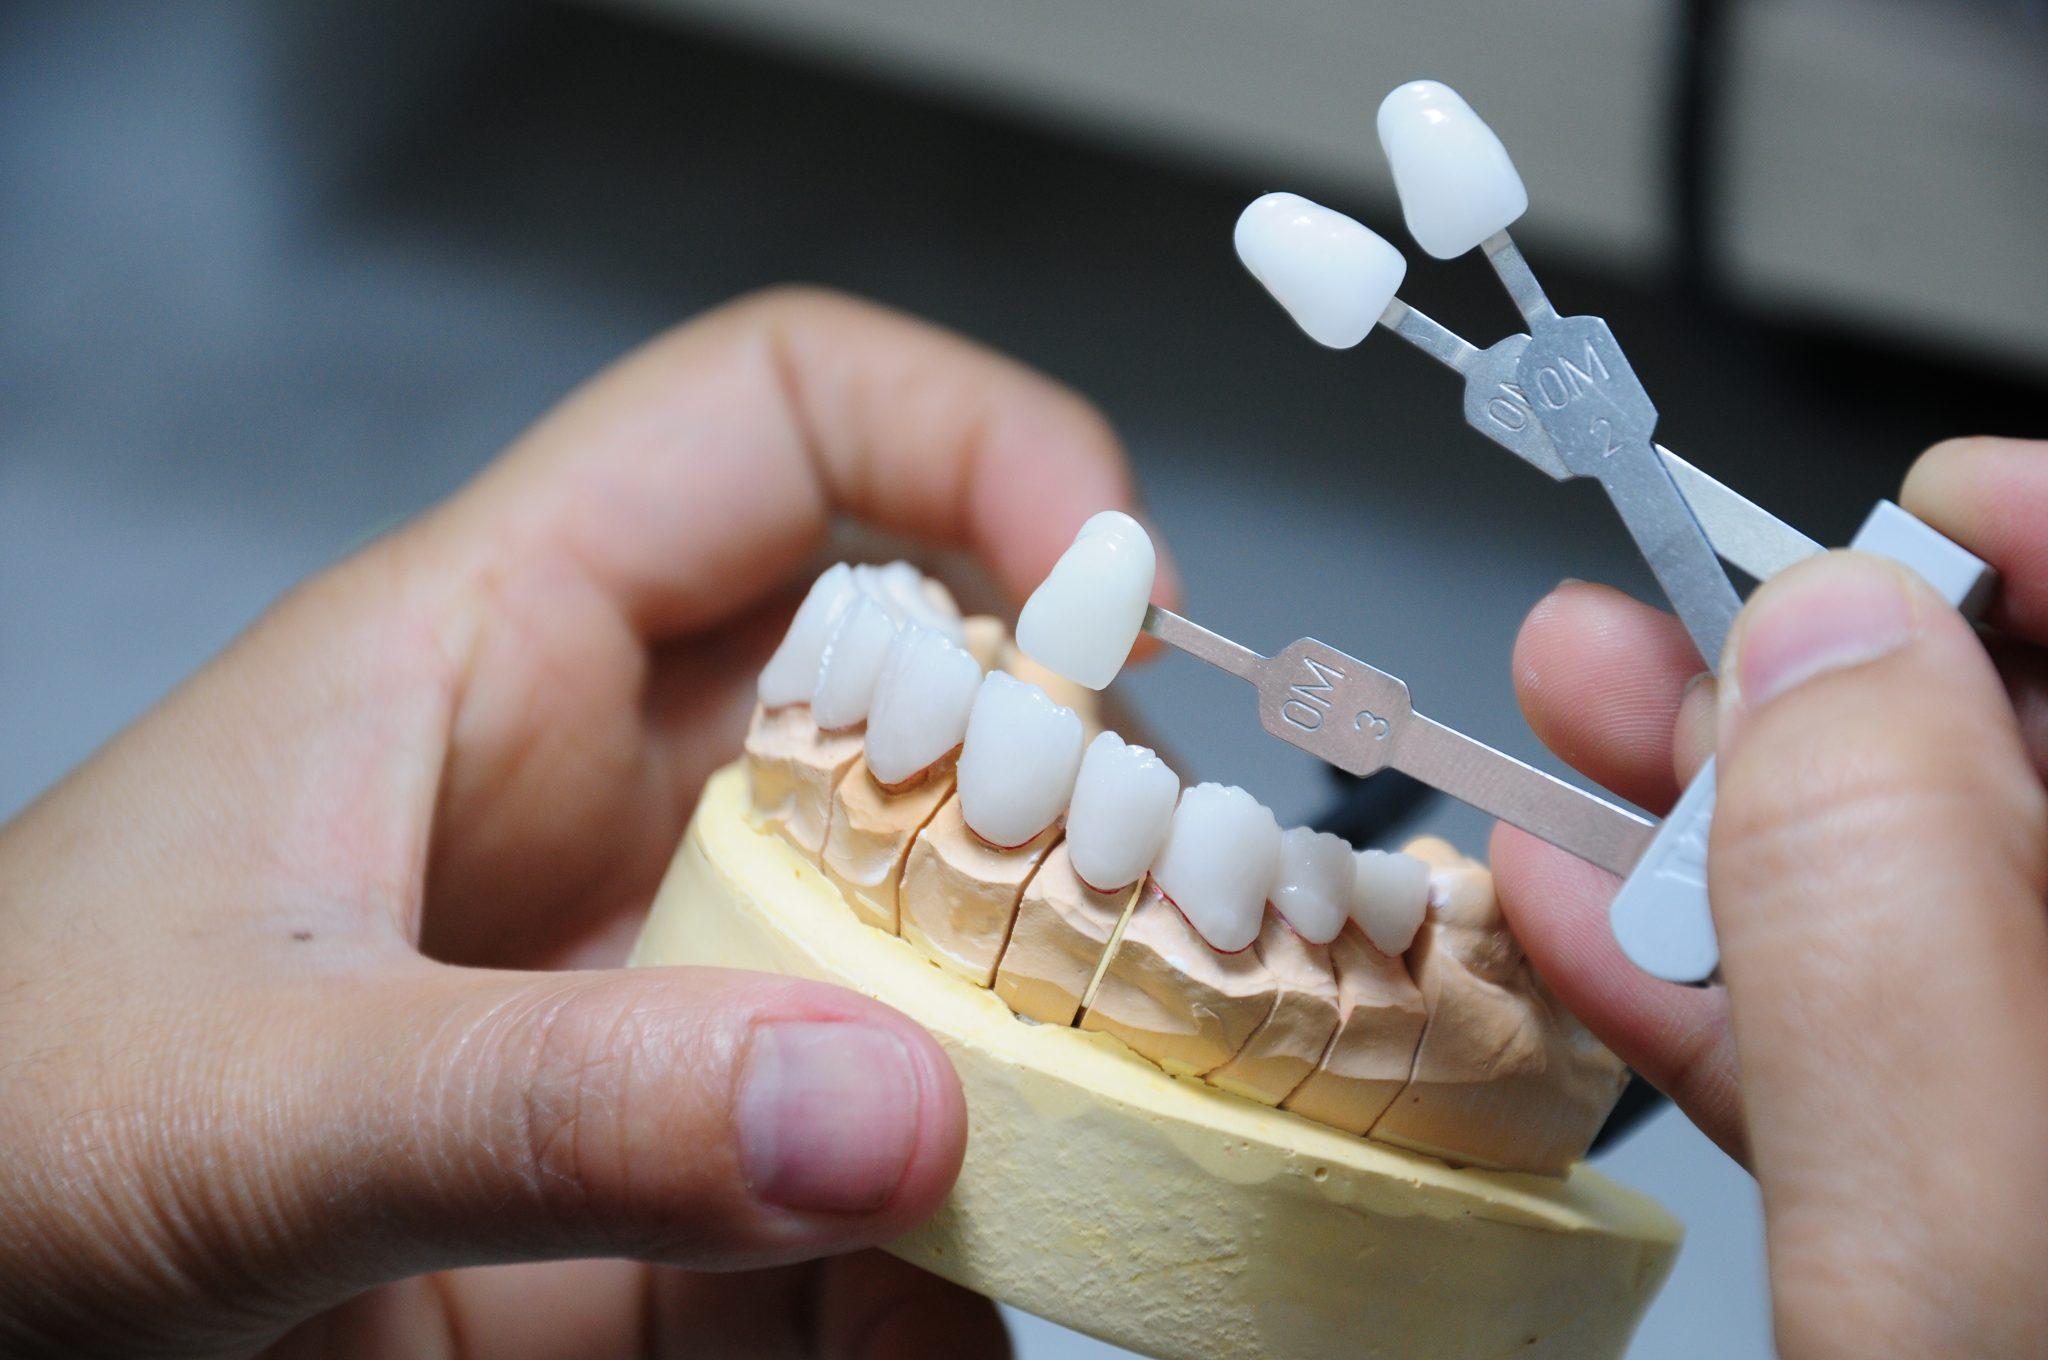 Màu sắc và chất lượng răng sứ tại nhà máy răng sứ của Nha khoa Kim đạt được độ bền đẹp, tự nhiên như răng thật